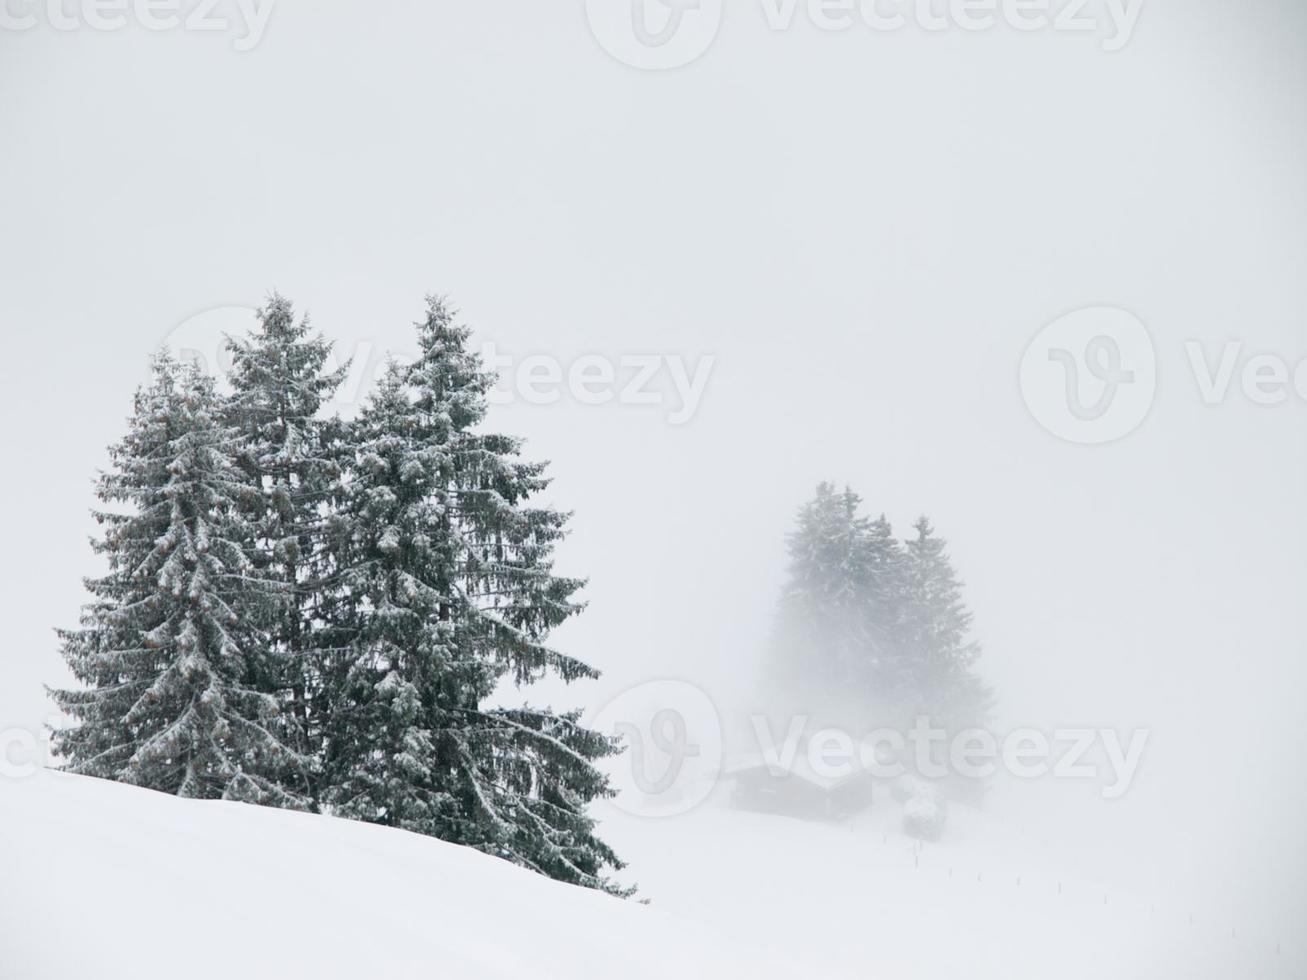 bosque de invierno brumoso foto